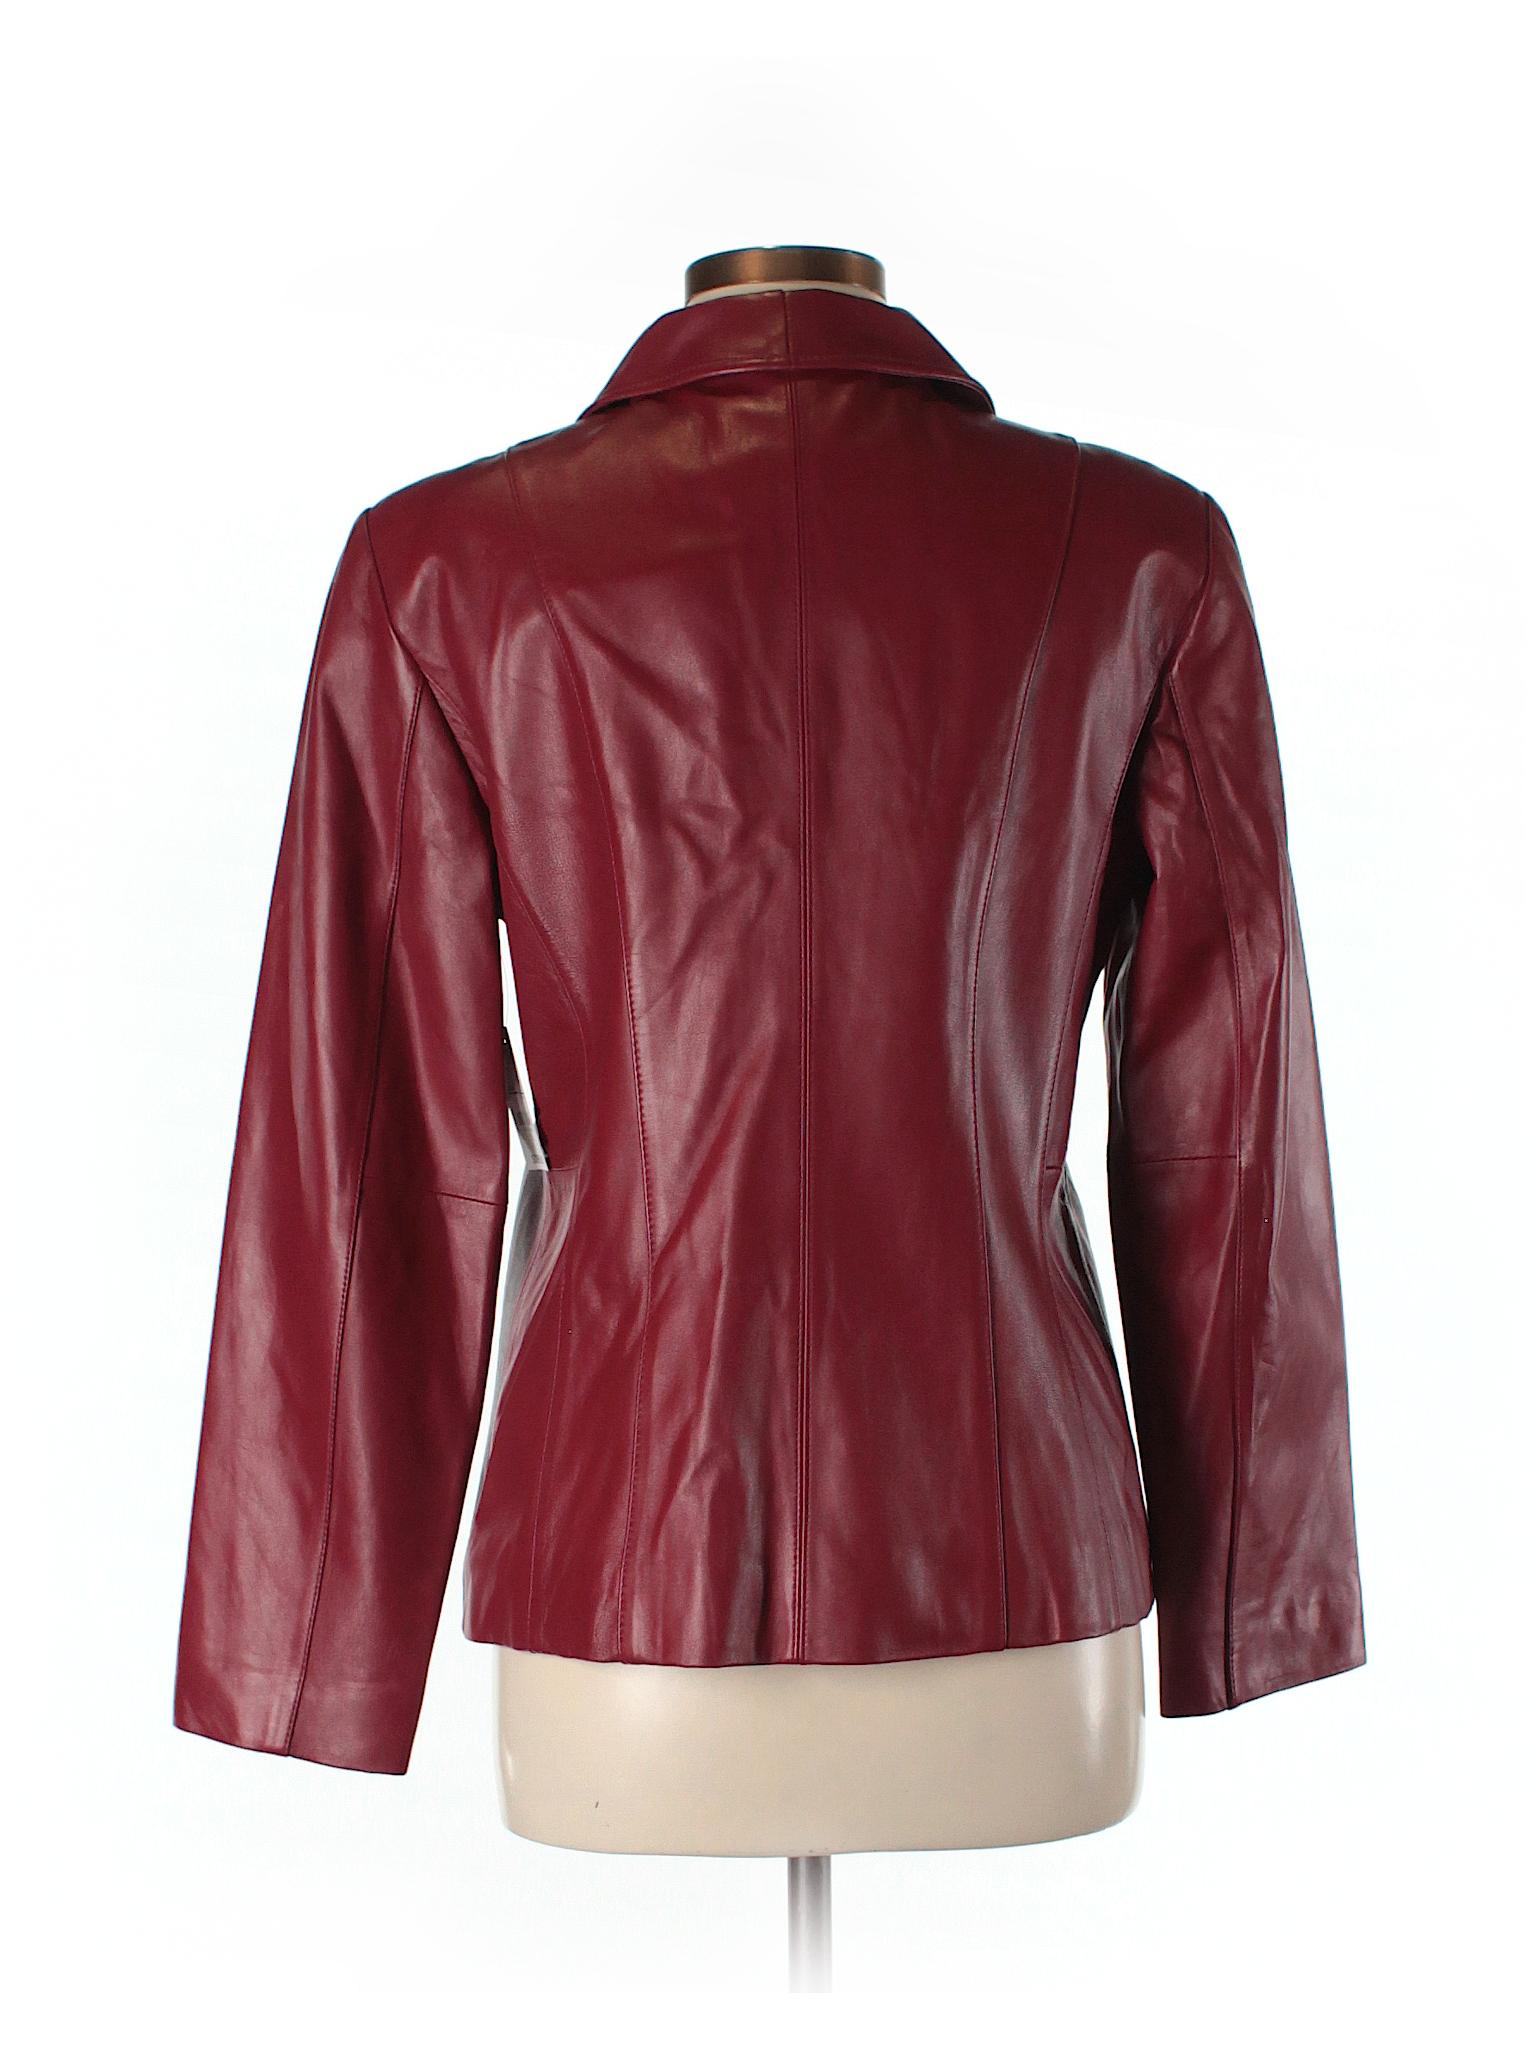 Leisure Jacket Worthington Worthington Worthington Leather Leisure Leather winter Jacket Jacket winter Leather Leisure winter 1Idq14